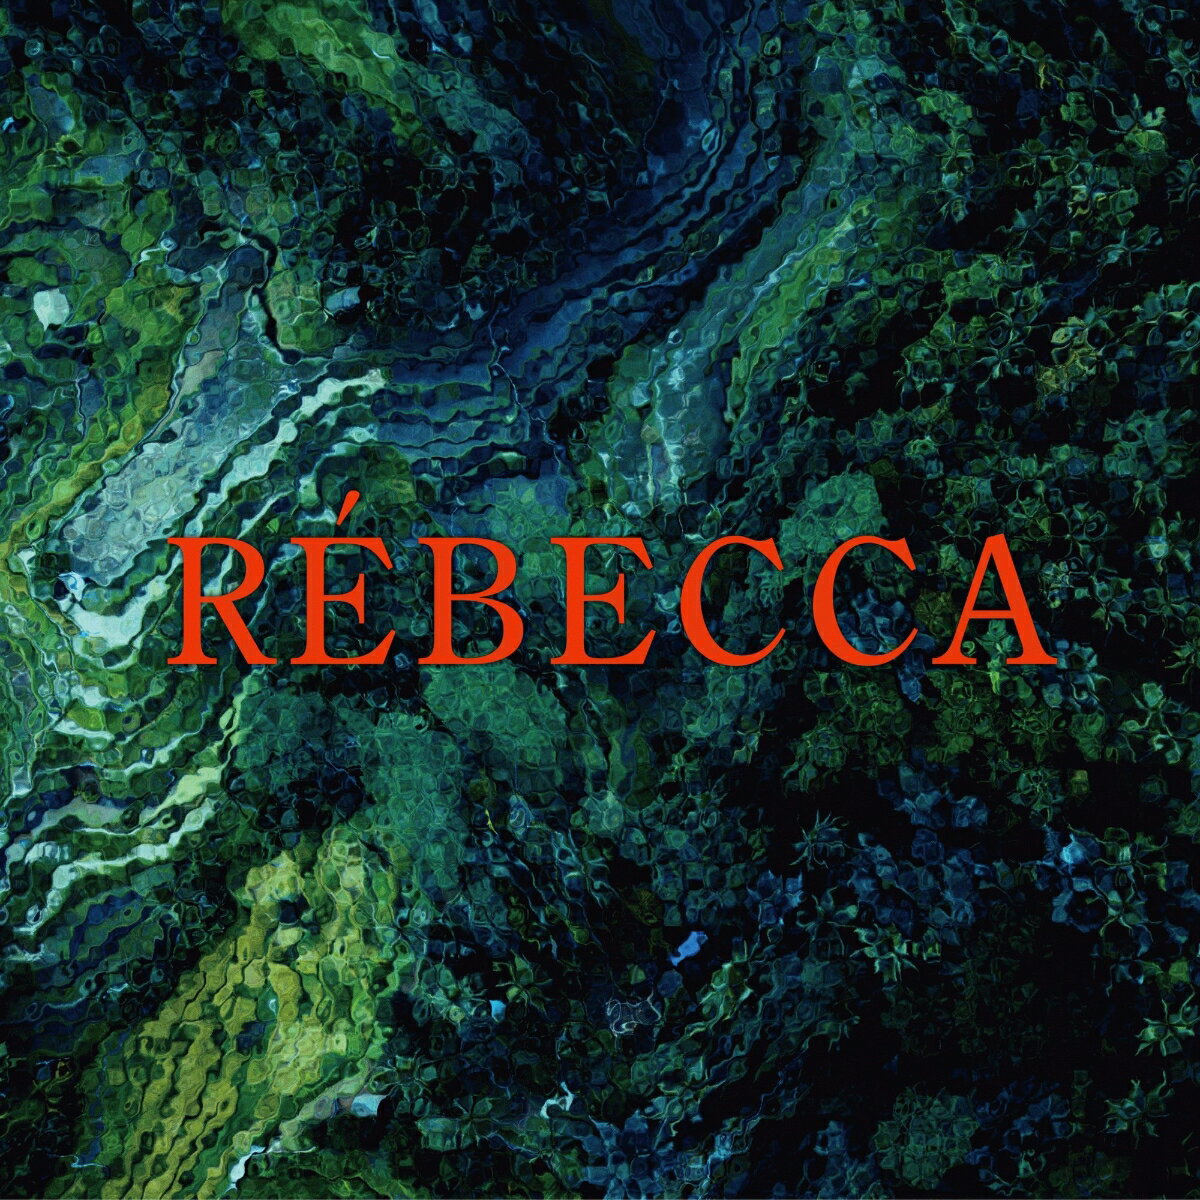 【楽天ブックス限定先着特典】REBECCA (初回限定グッズ盤) (リボンバンド付き) [ みやかわくん ]